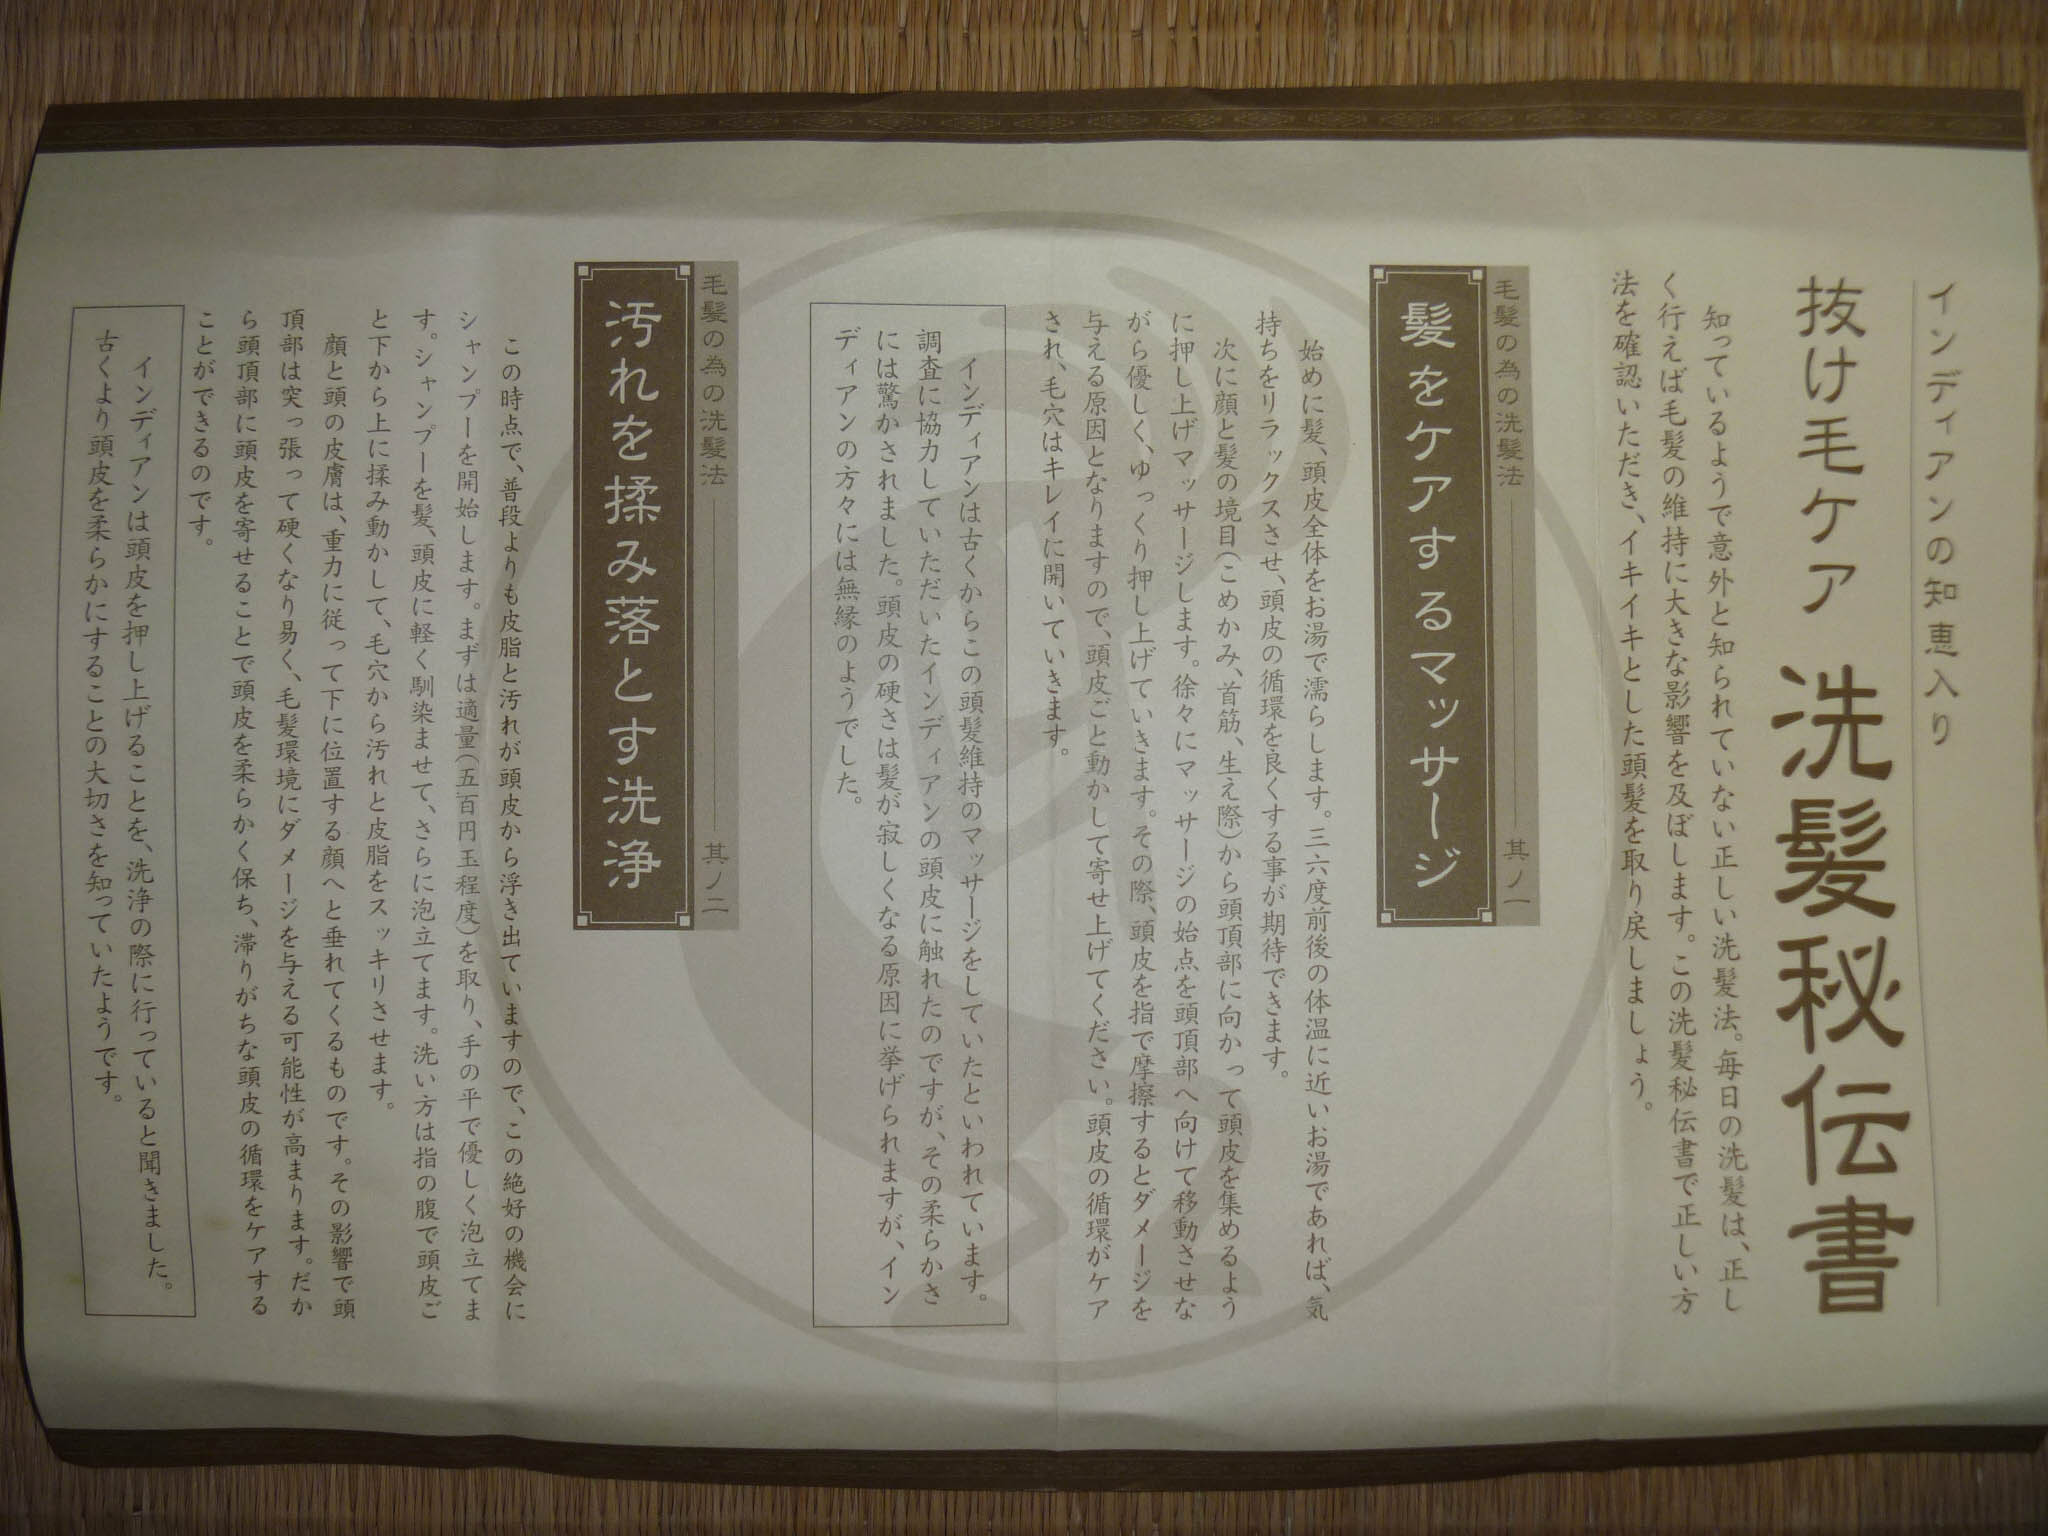 インディアンシャンプーの秘伝書(表)